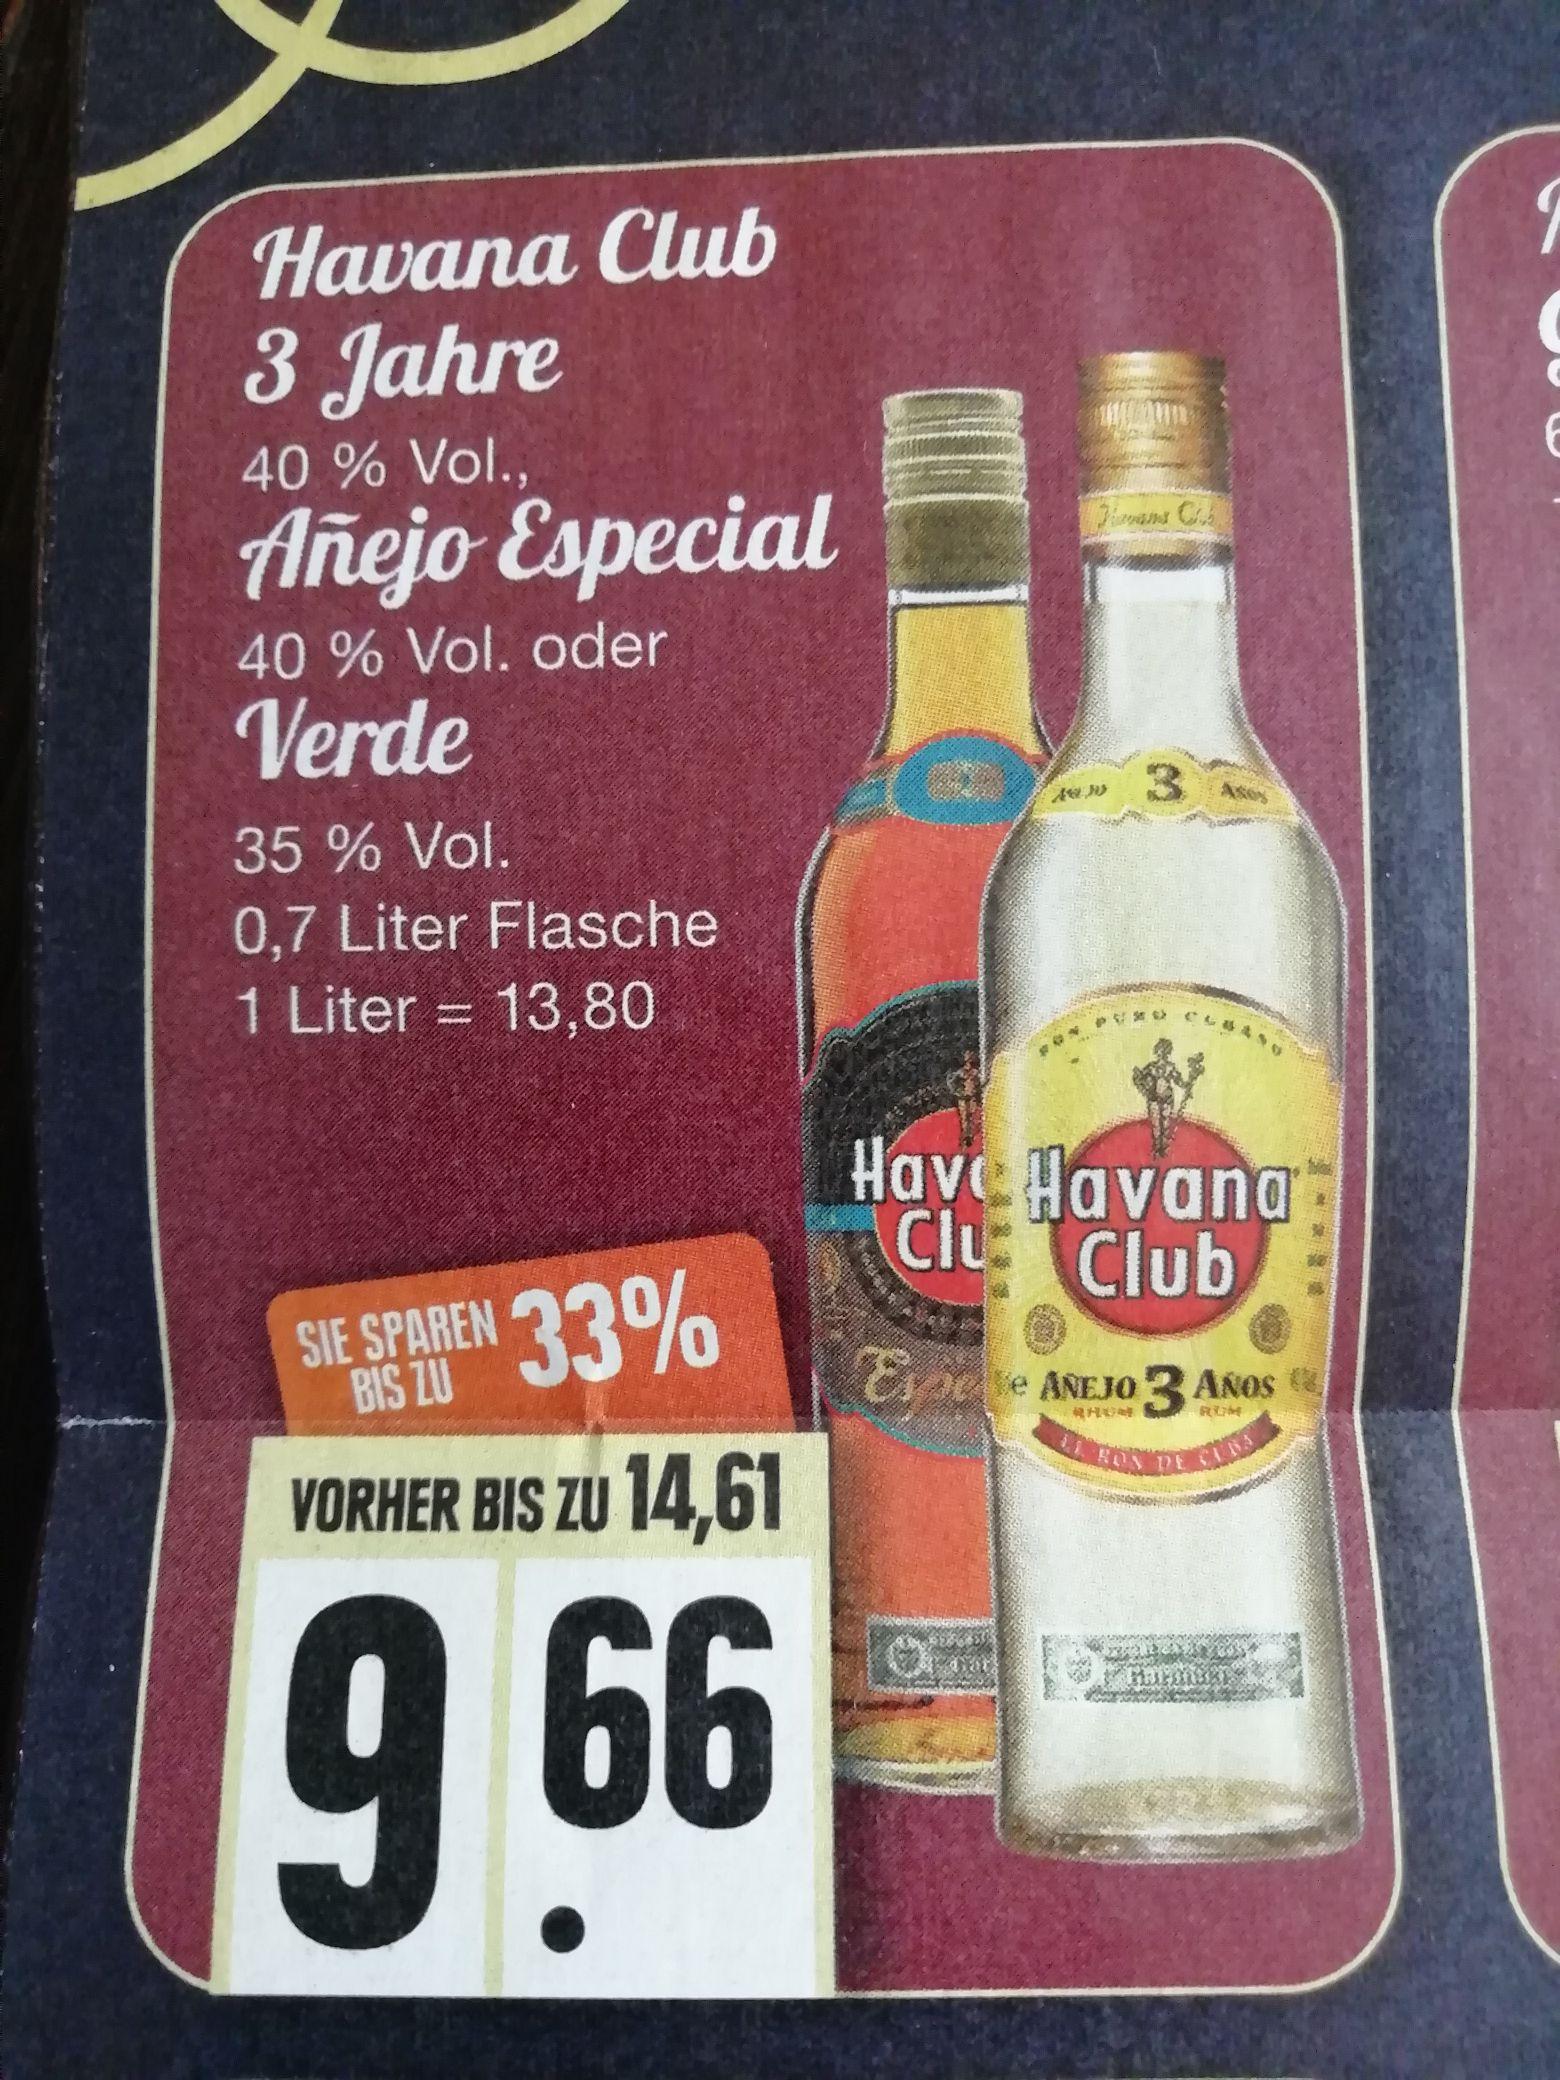 [EDEKA Nord] Havana Club 3 Jahre, Anejo Especial und Verde 0,7l